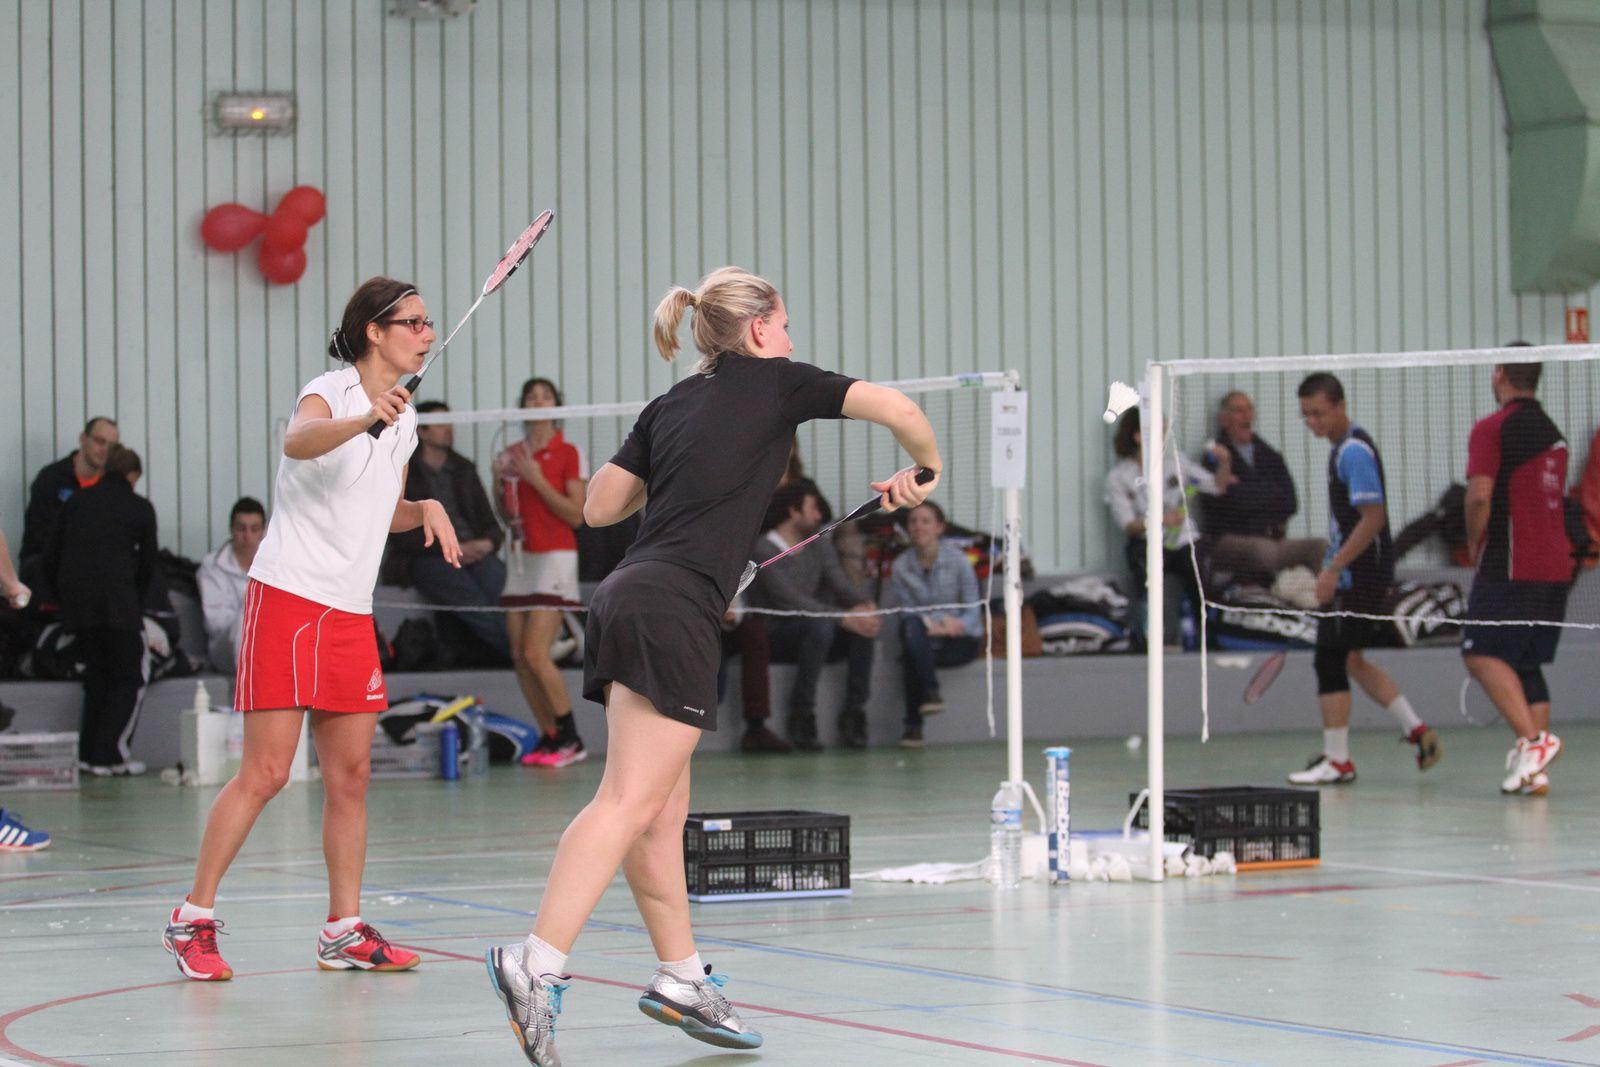 Coraline Bauquet et Tiphaine Davriu vainqueurs du double féminin catégorie D+